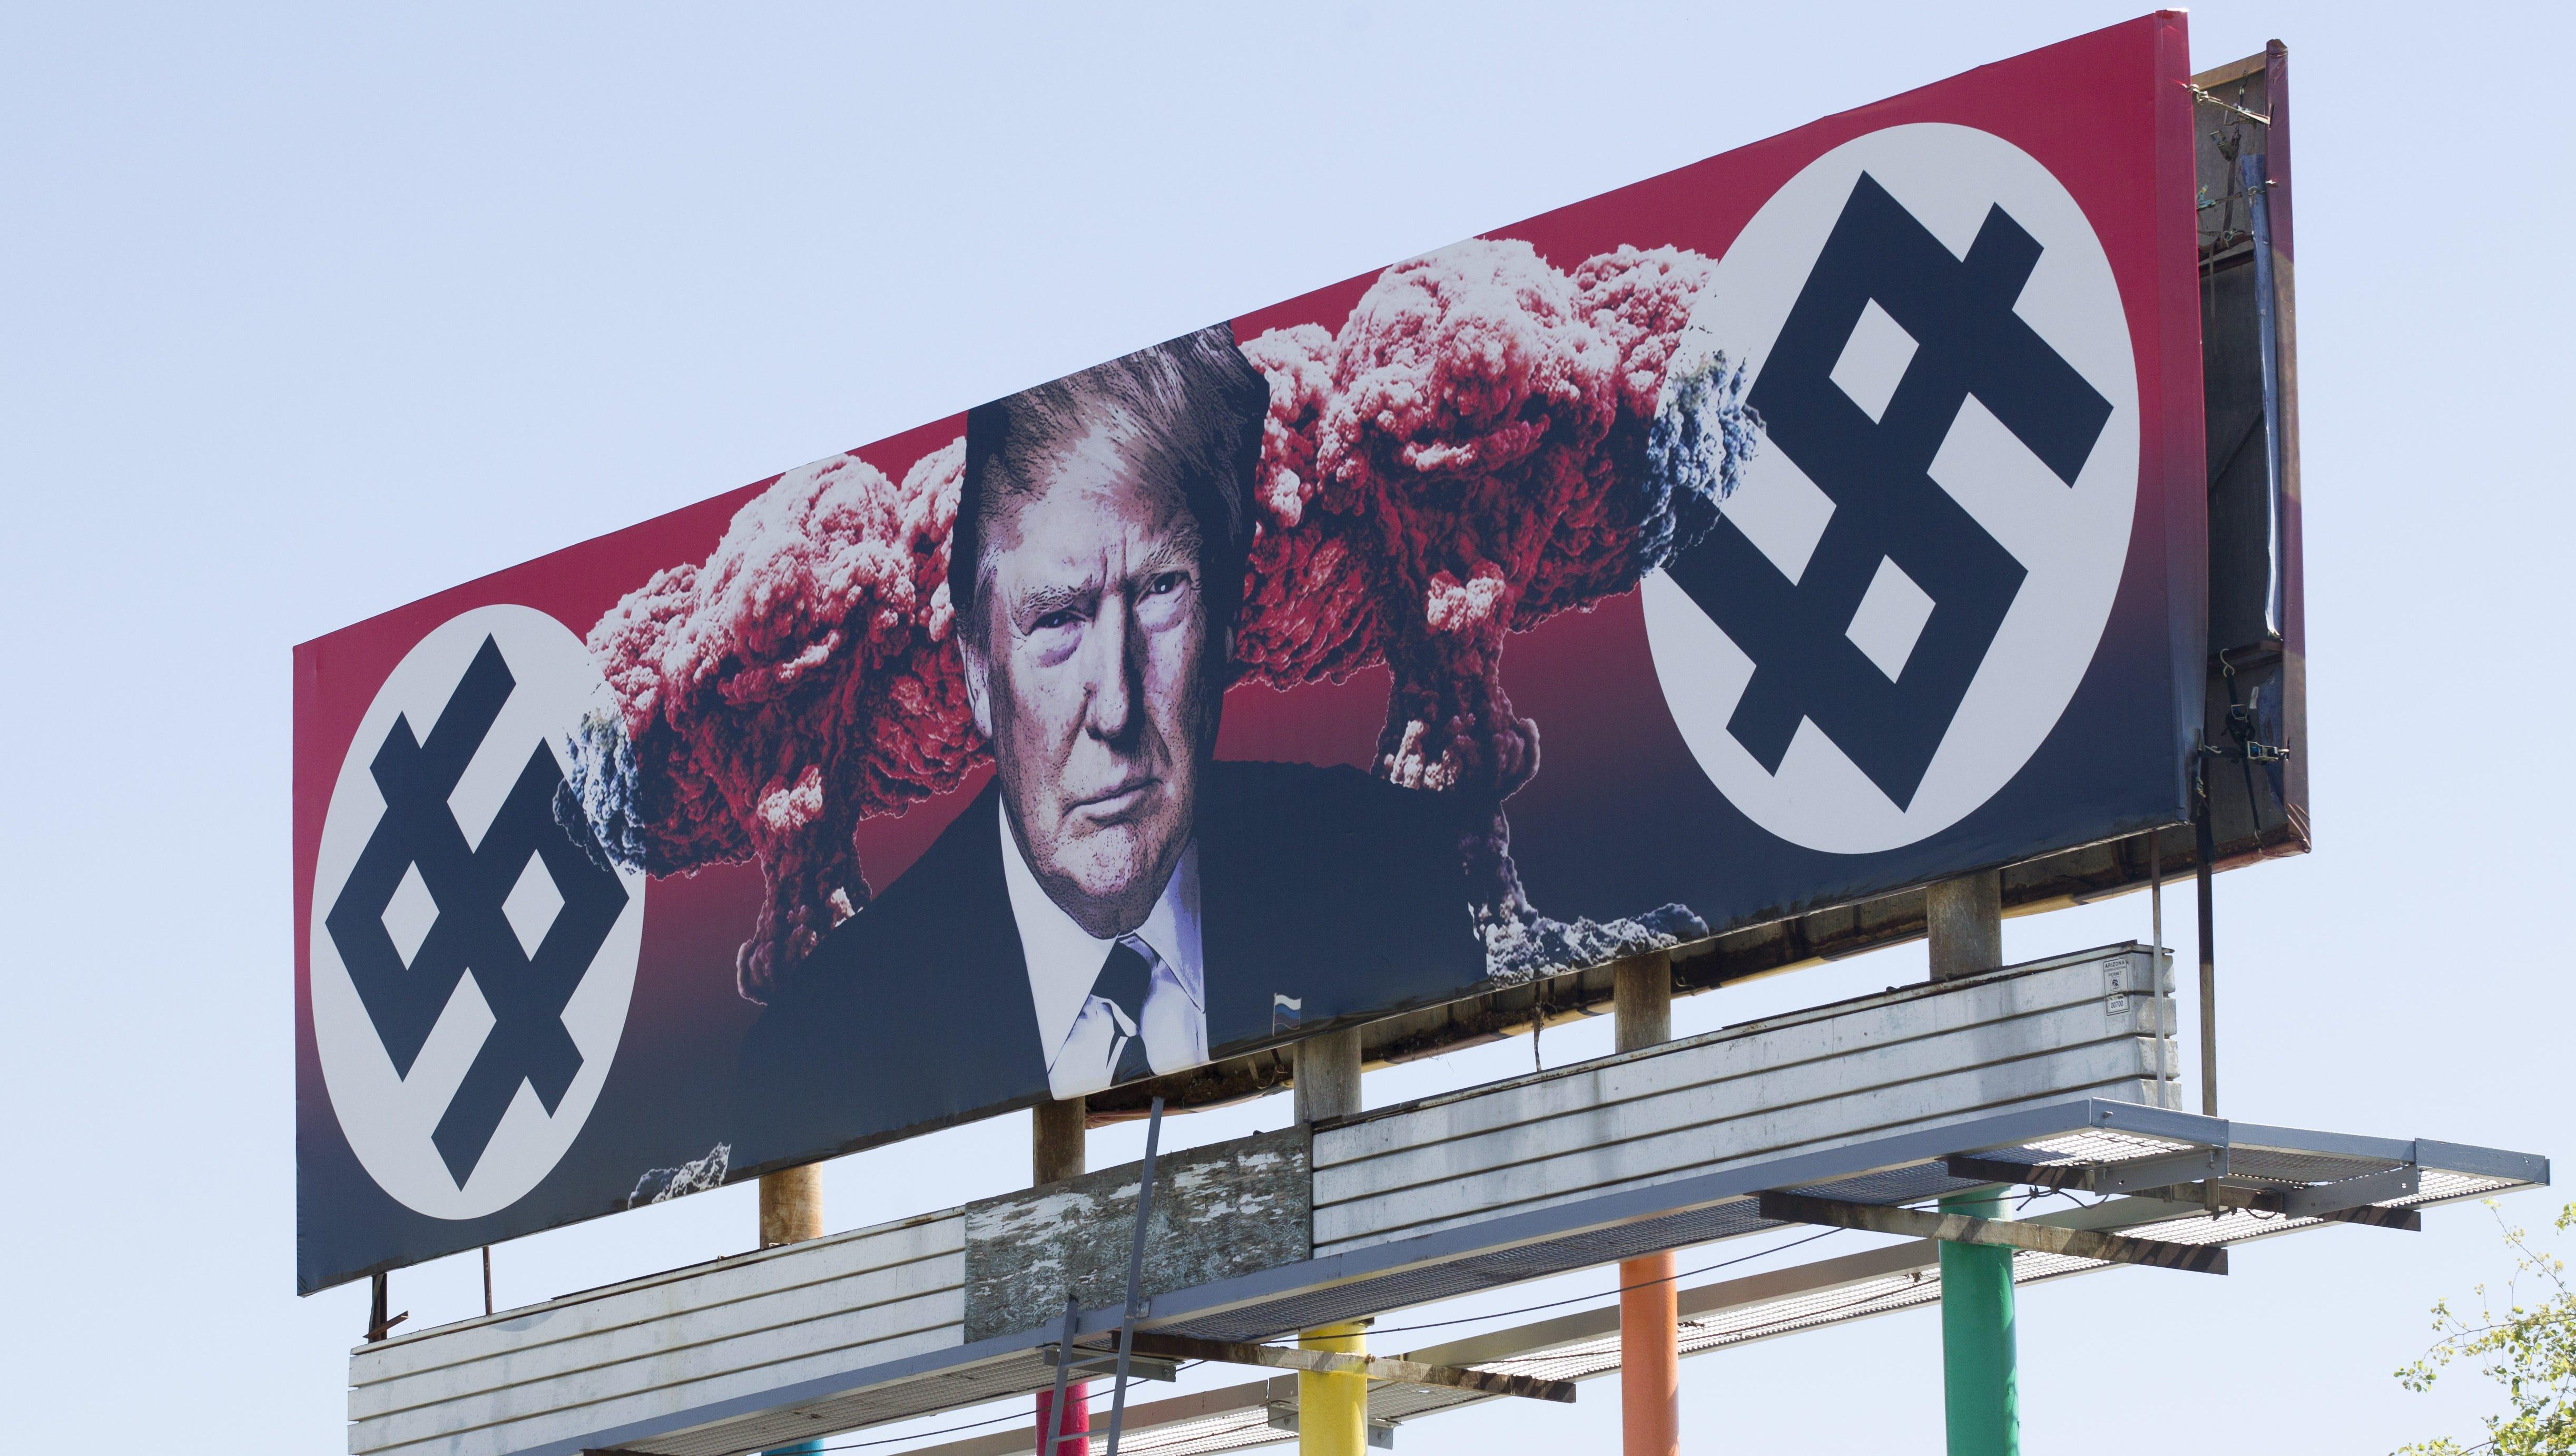 636302166299134058--20170319-Trump-billboard-0065.JPG